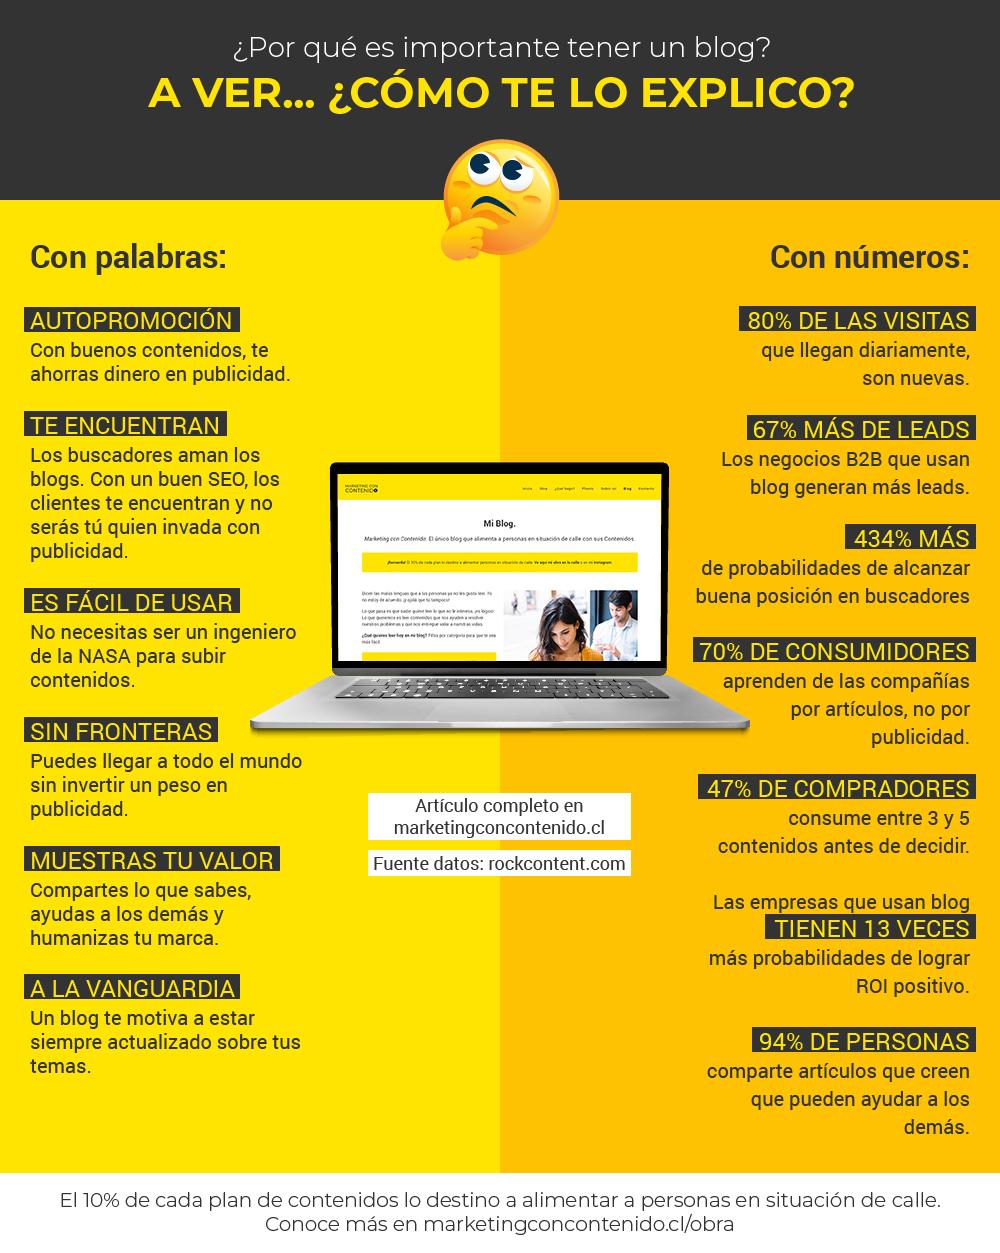 por qué es importante tener un blog infografia